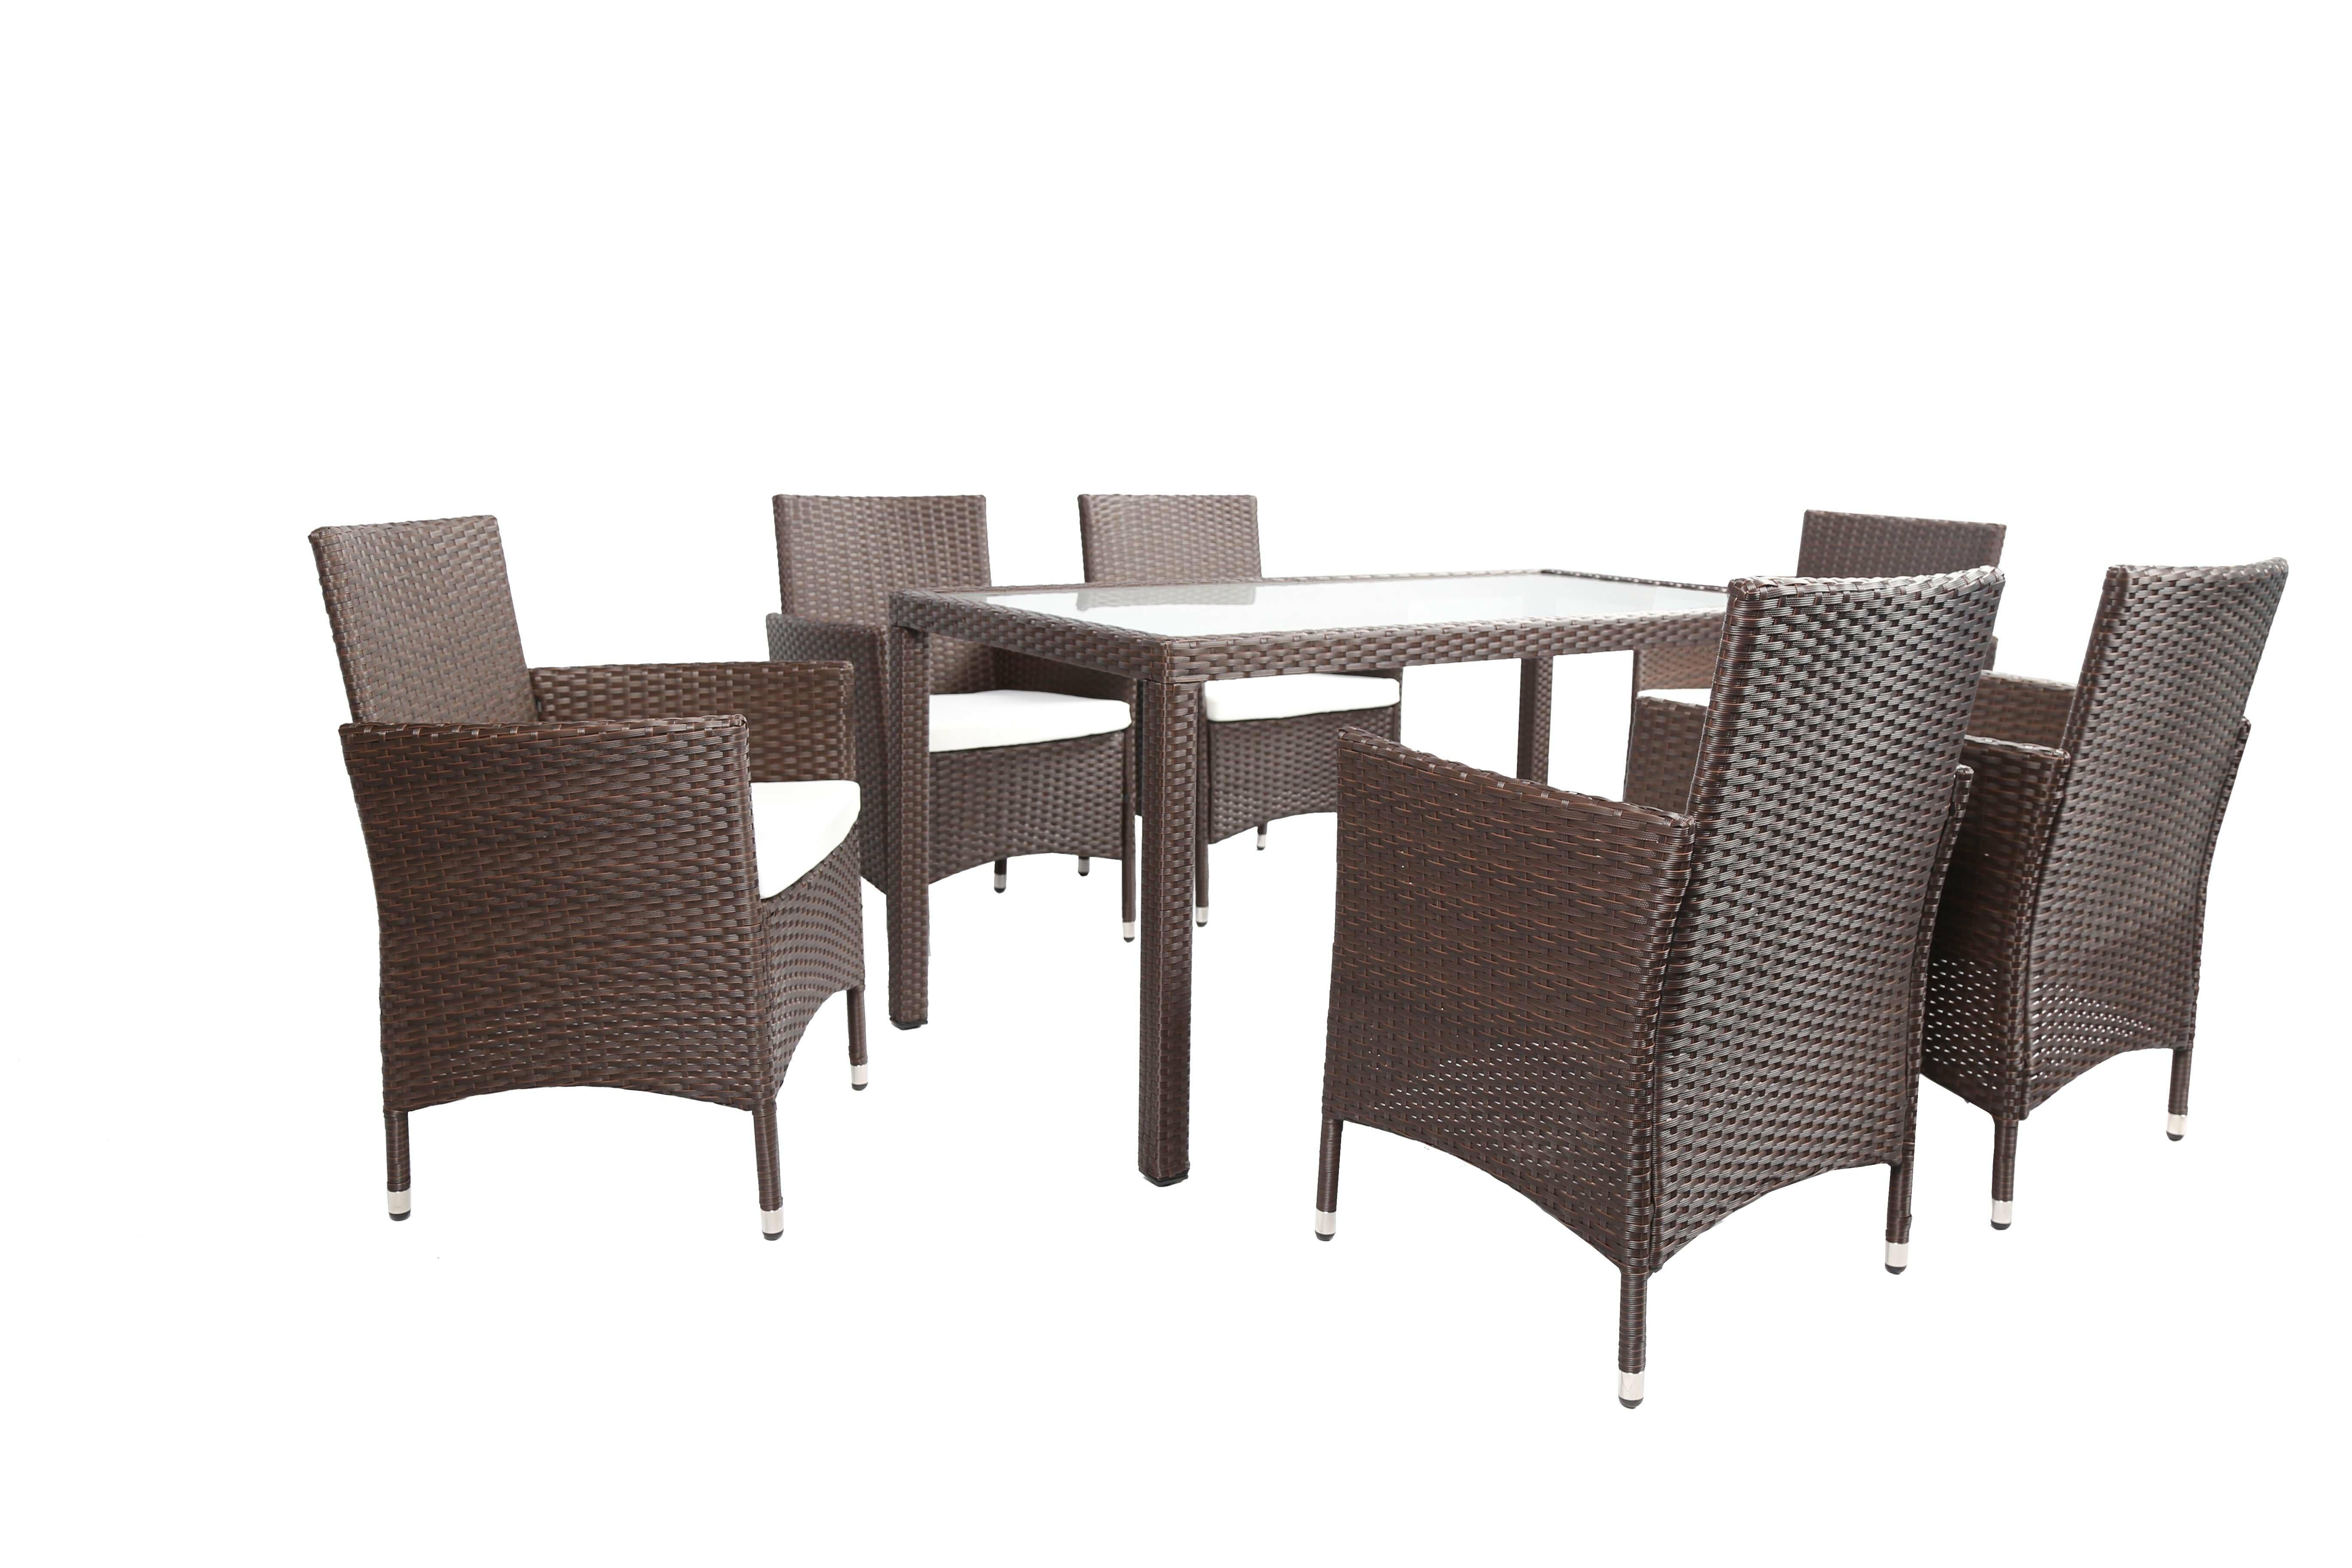 Wayfair 7 Piece Outdoor Dining Set